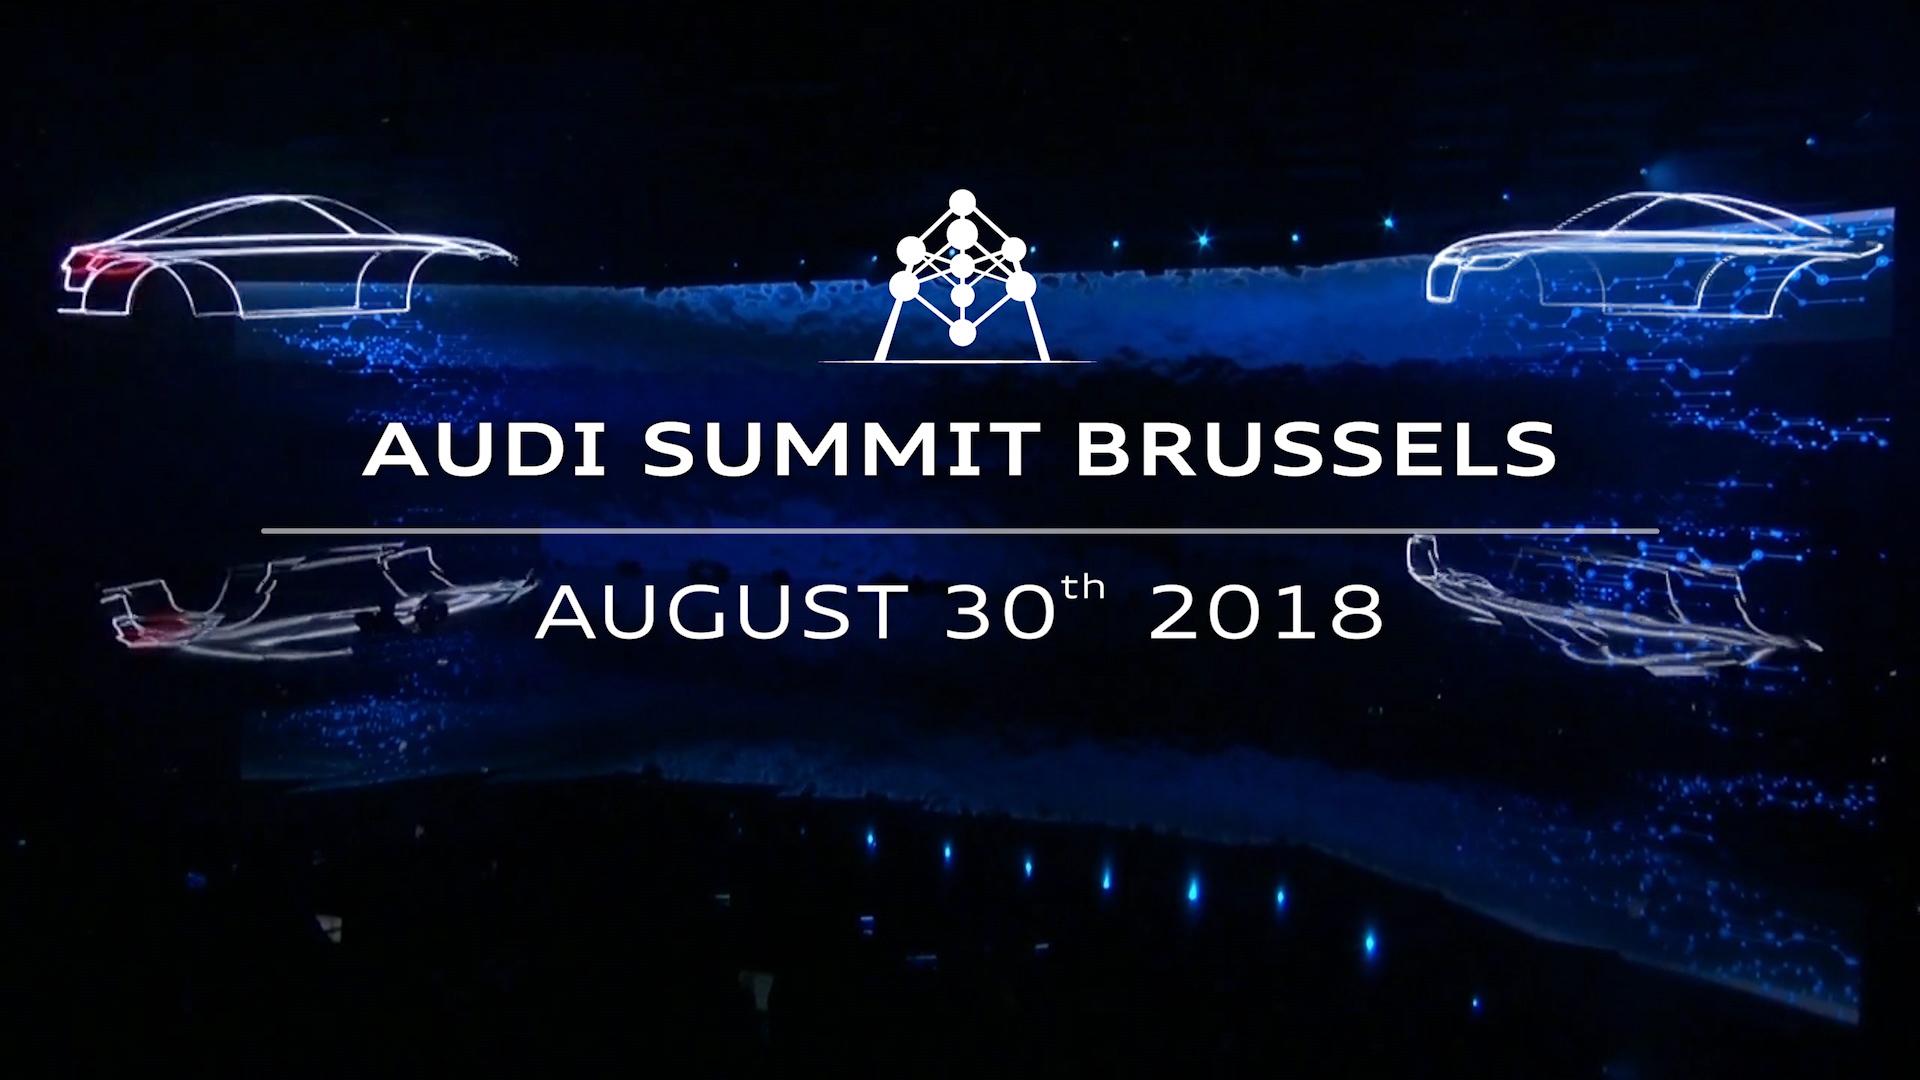 Audi Summit 2018: Blick in die Zukunft der Mobilität